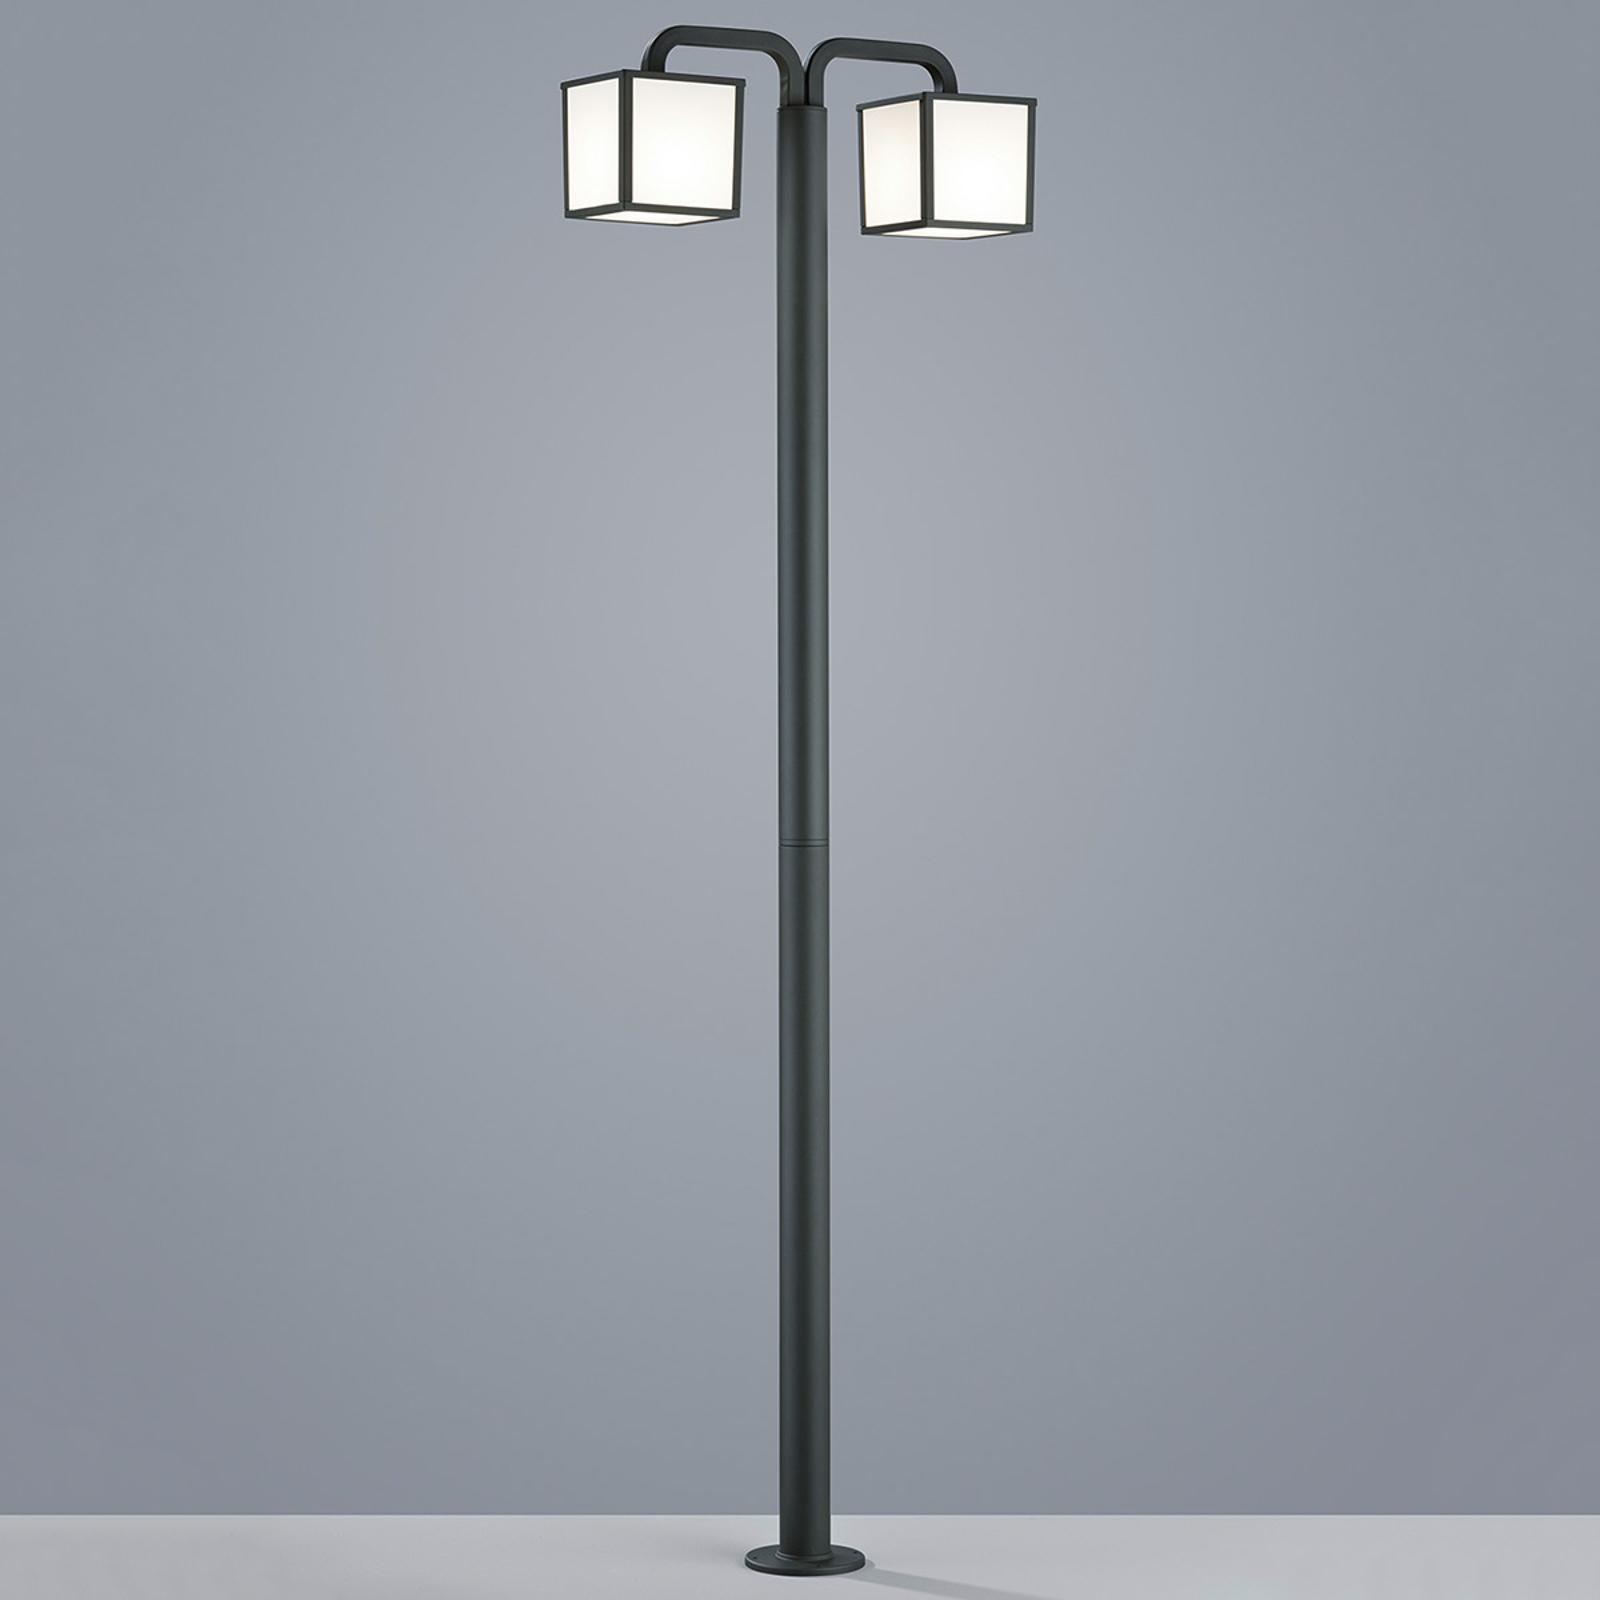 Lampadaire LED Cubango avec 2 lanternes